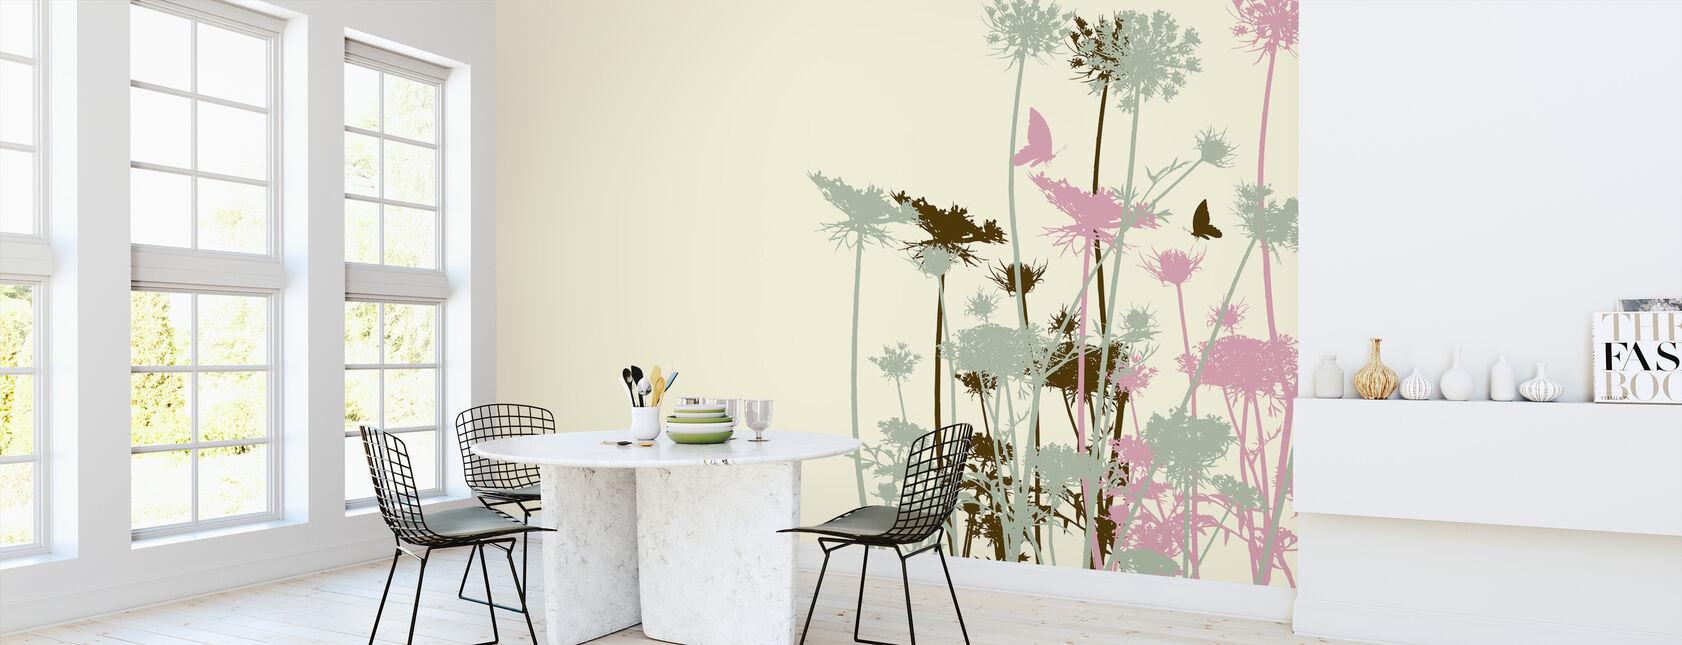 Flower Background - Wallpaper - Kitchen